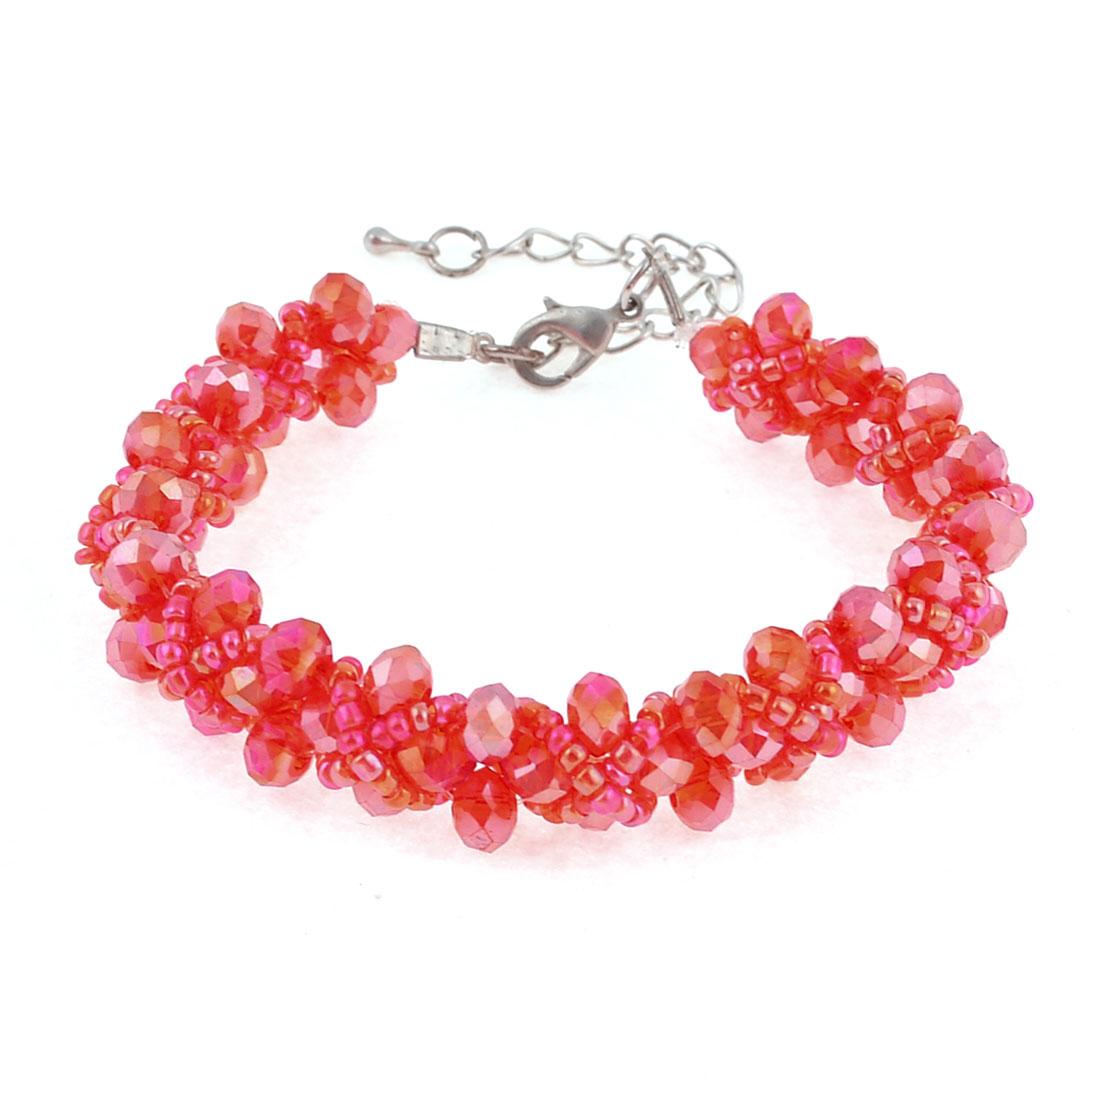 Red Plastic Adjustable Faux Crystal Decoration Link Bracelet for